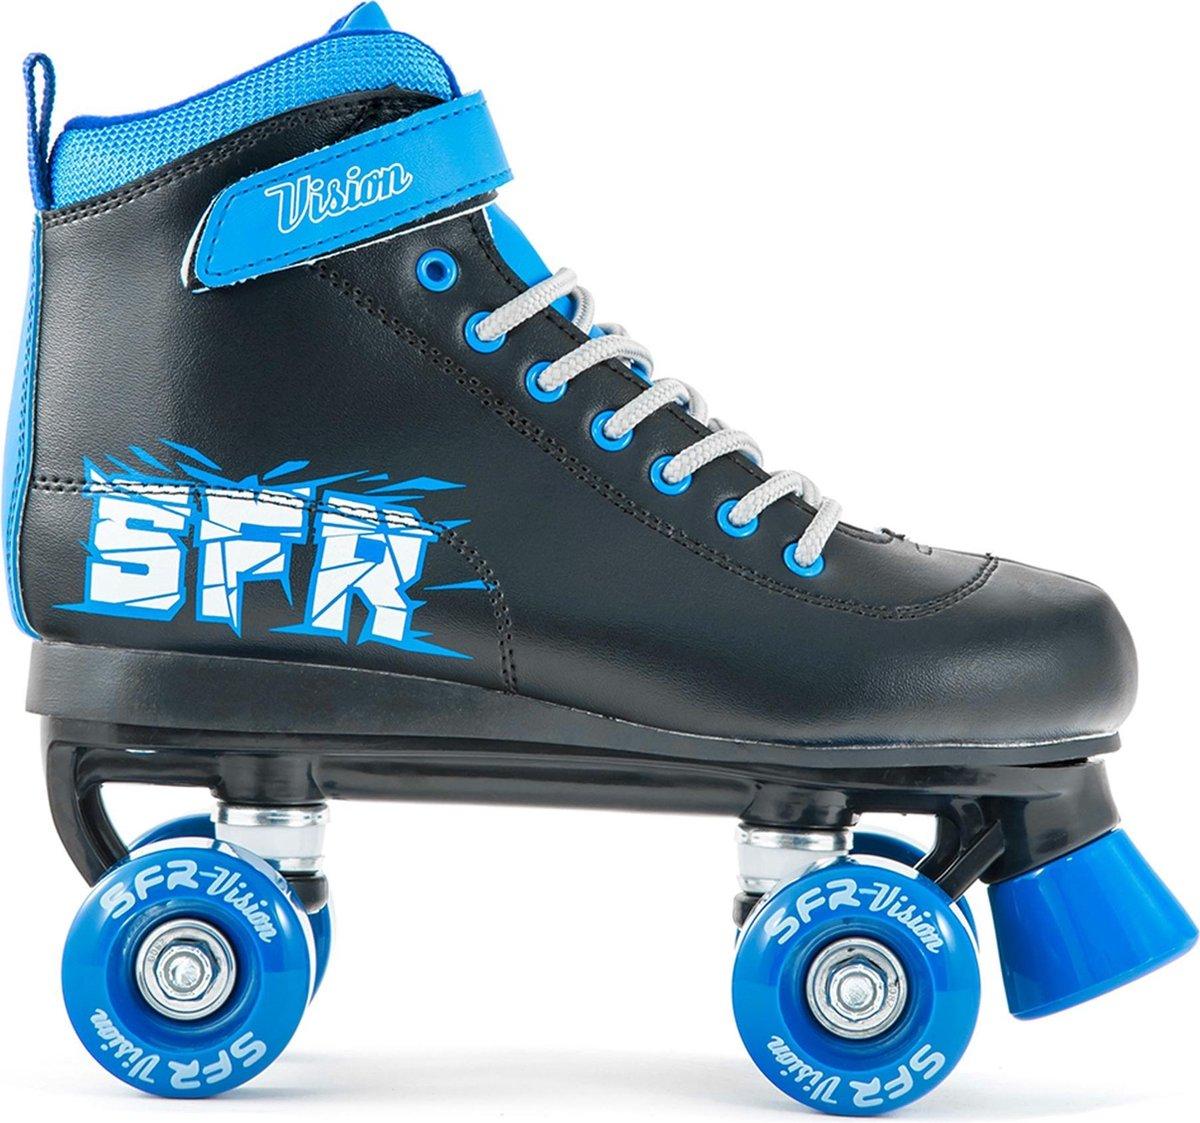 SFR Rolschaatsen - Maat 39.5Kinderen - zwart/ blauw